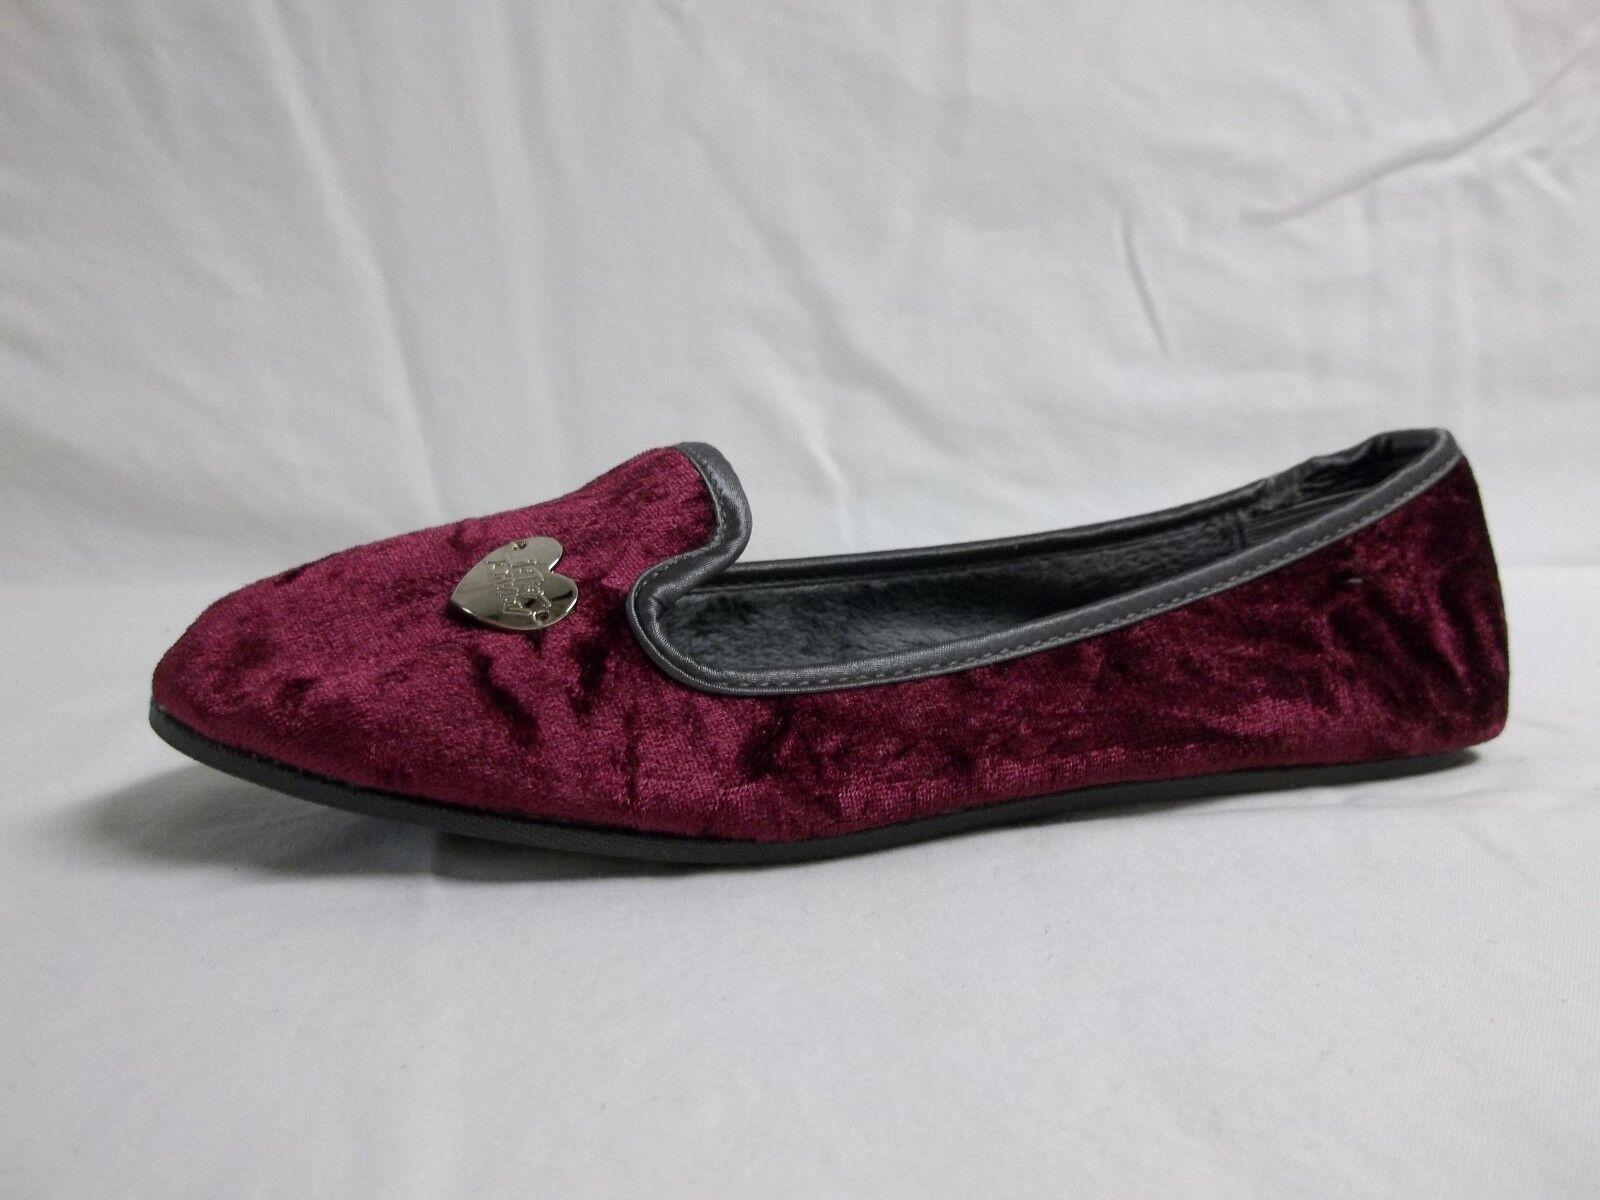 Betsey Johnson Taille 6 M Heartoe violet Velvet Ballet Flats New femmes chaussures NWOB